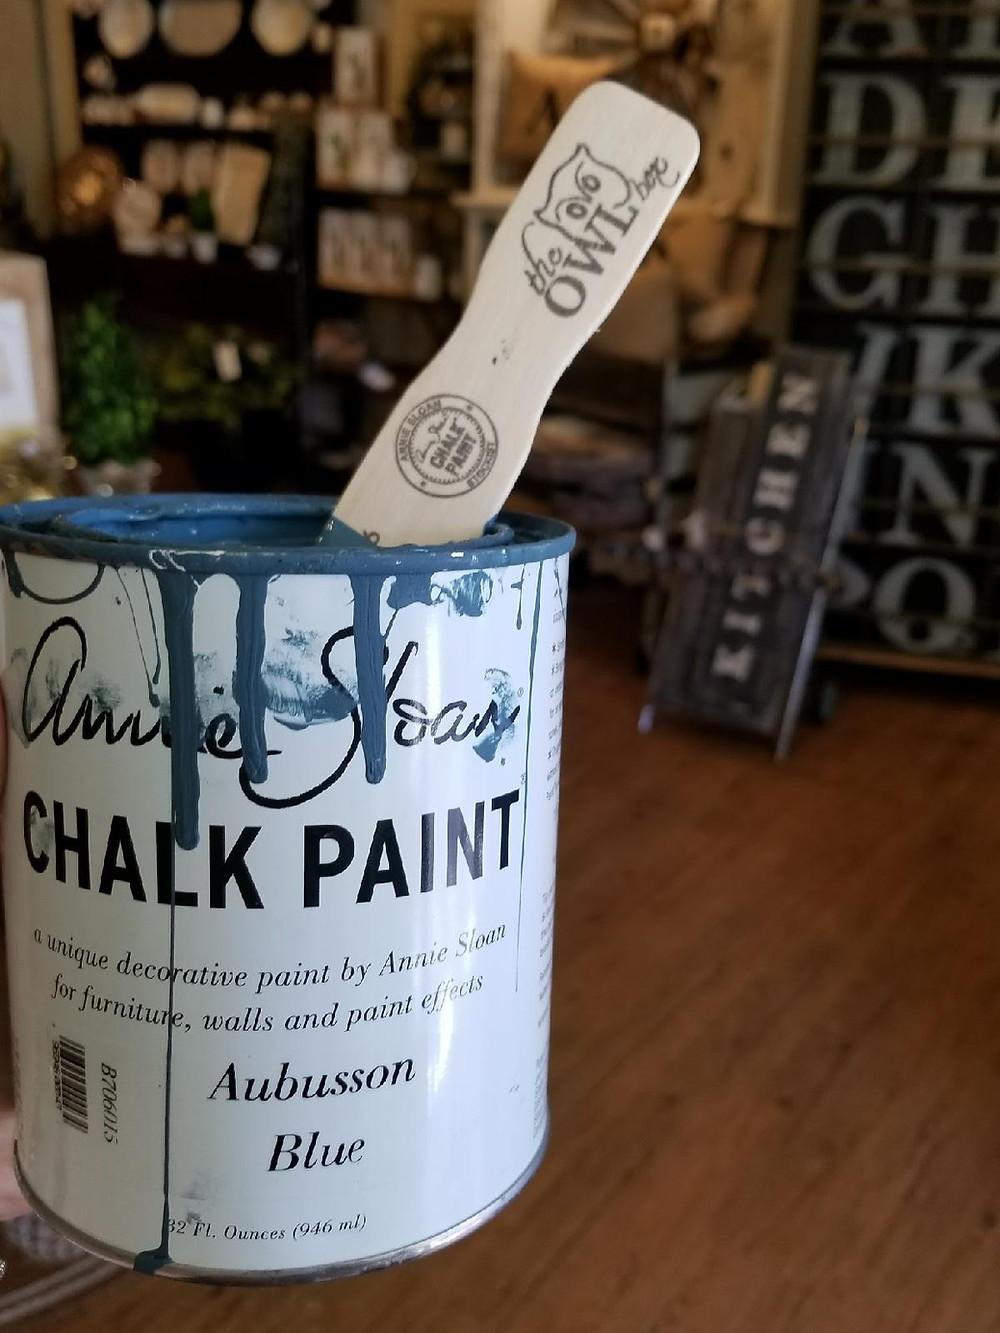 Aubusson Blue - Chalk Paint® by Annie Sloan